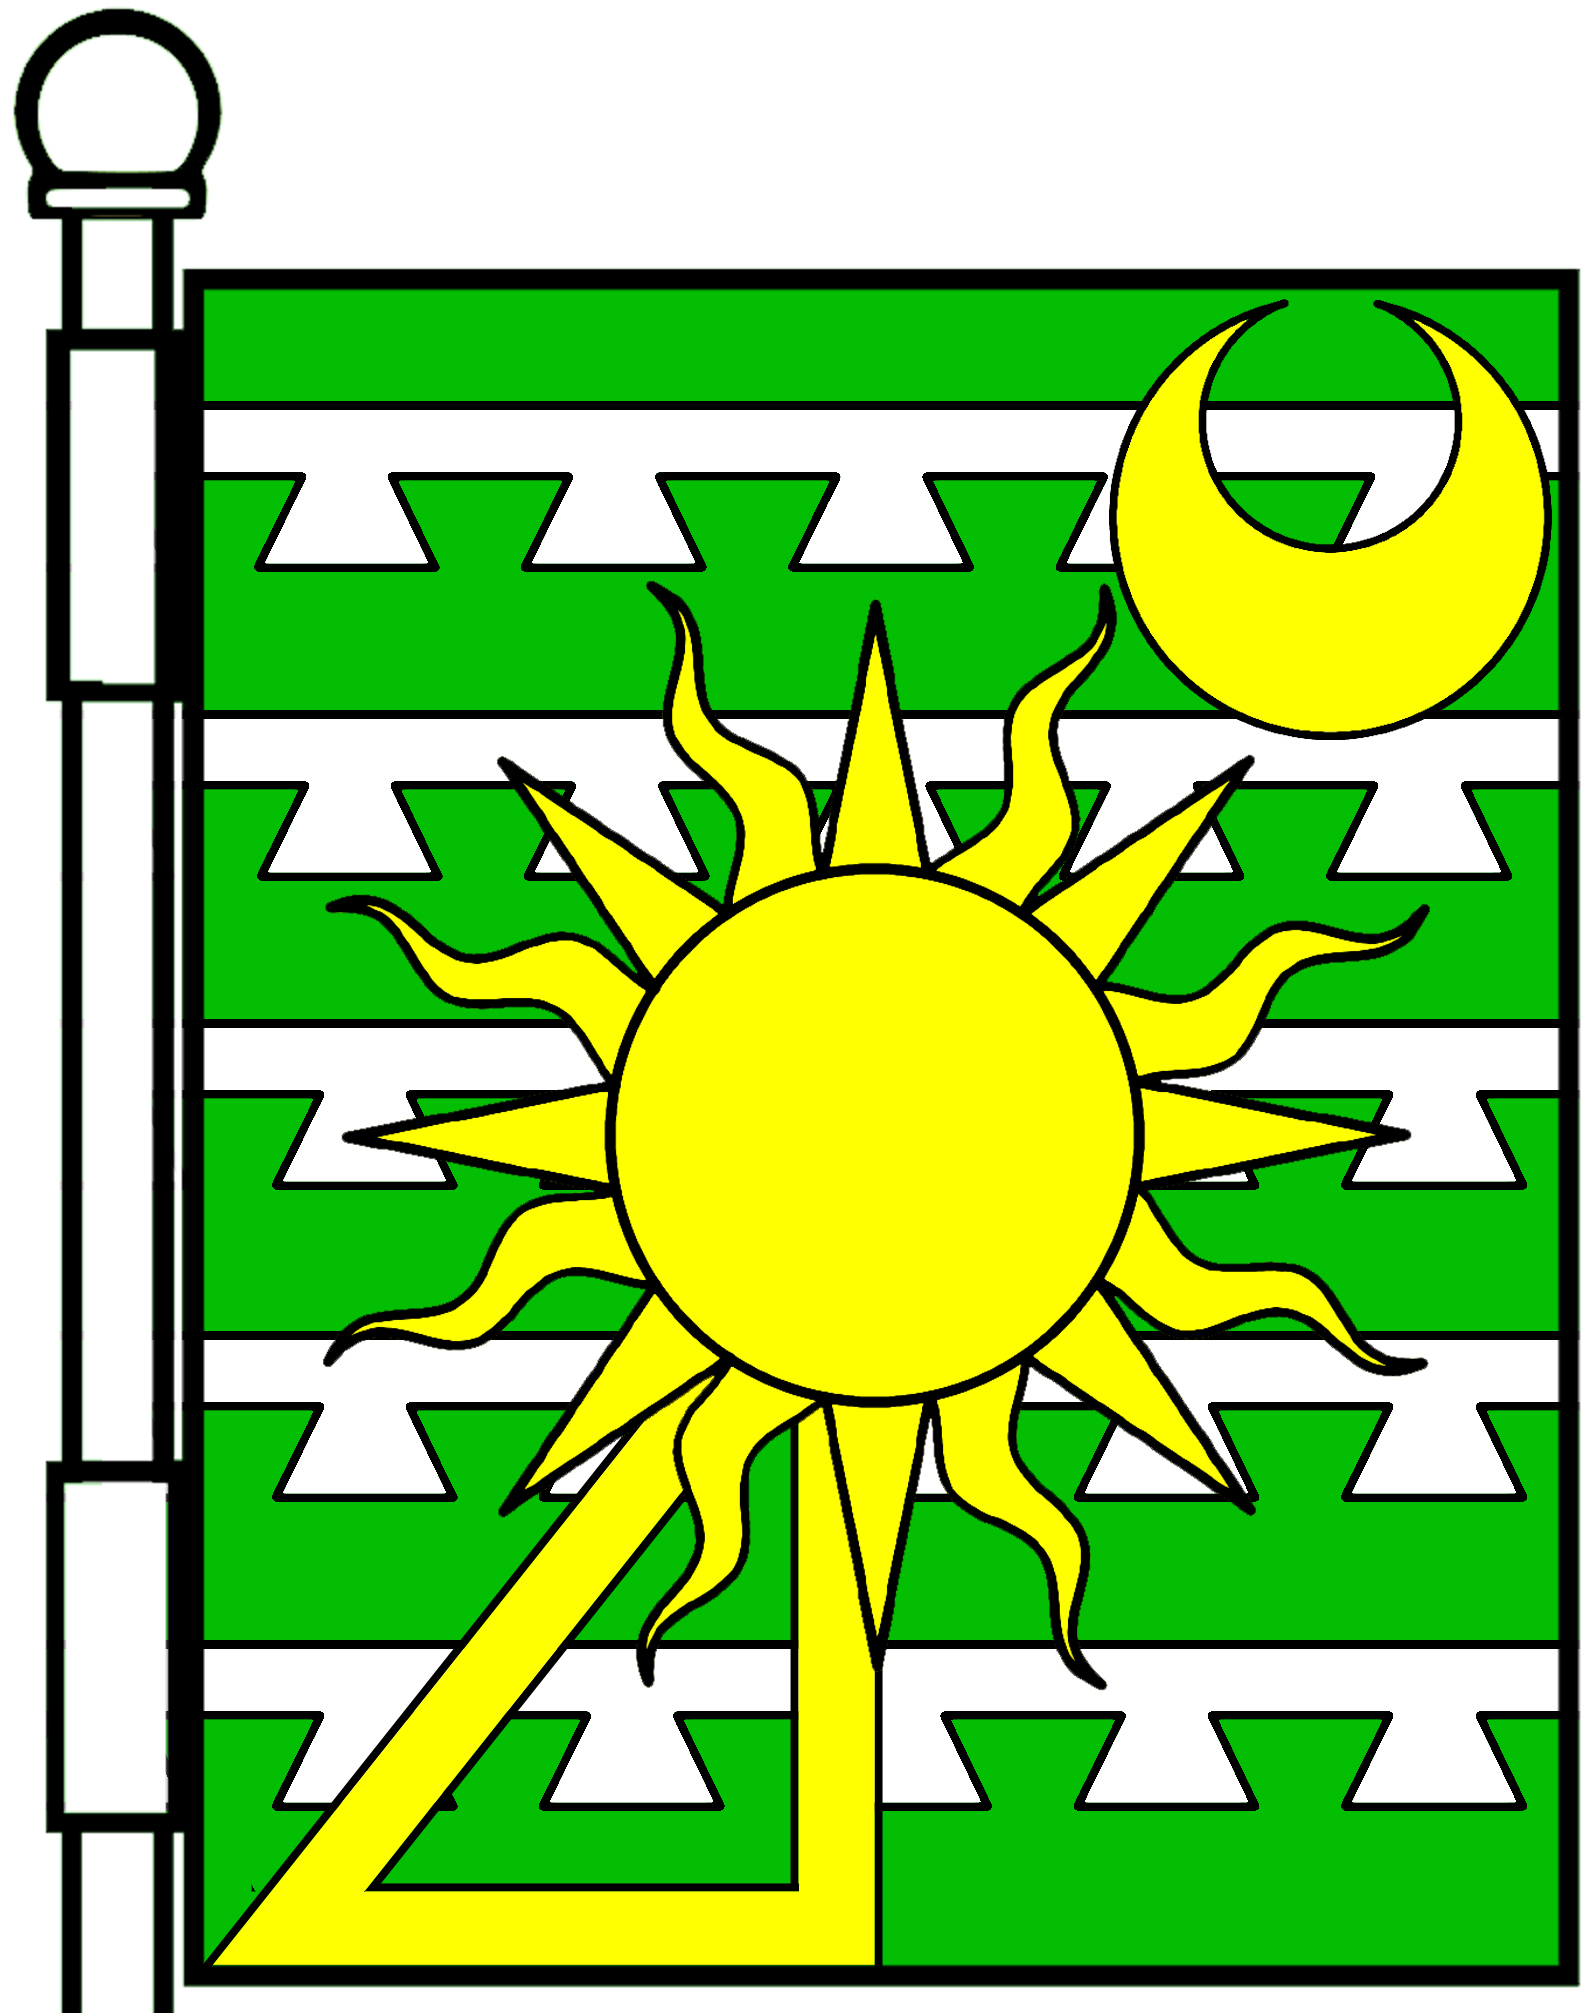 gyron green wiki.jpg